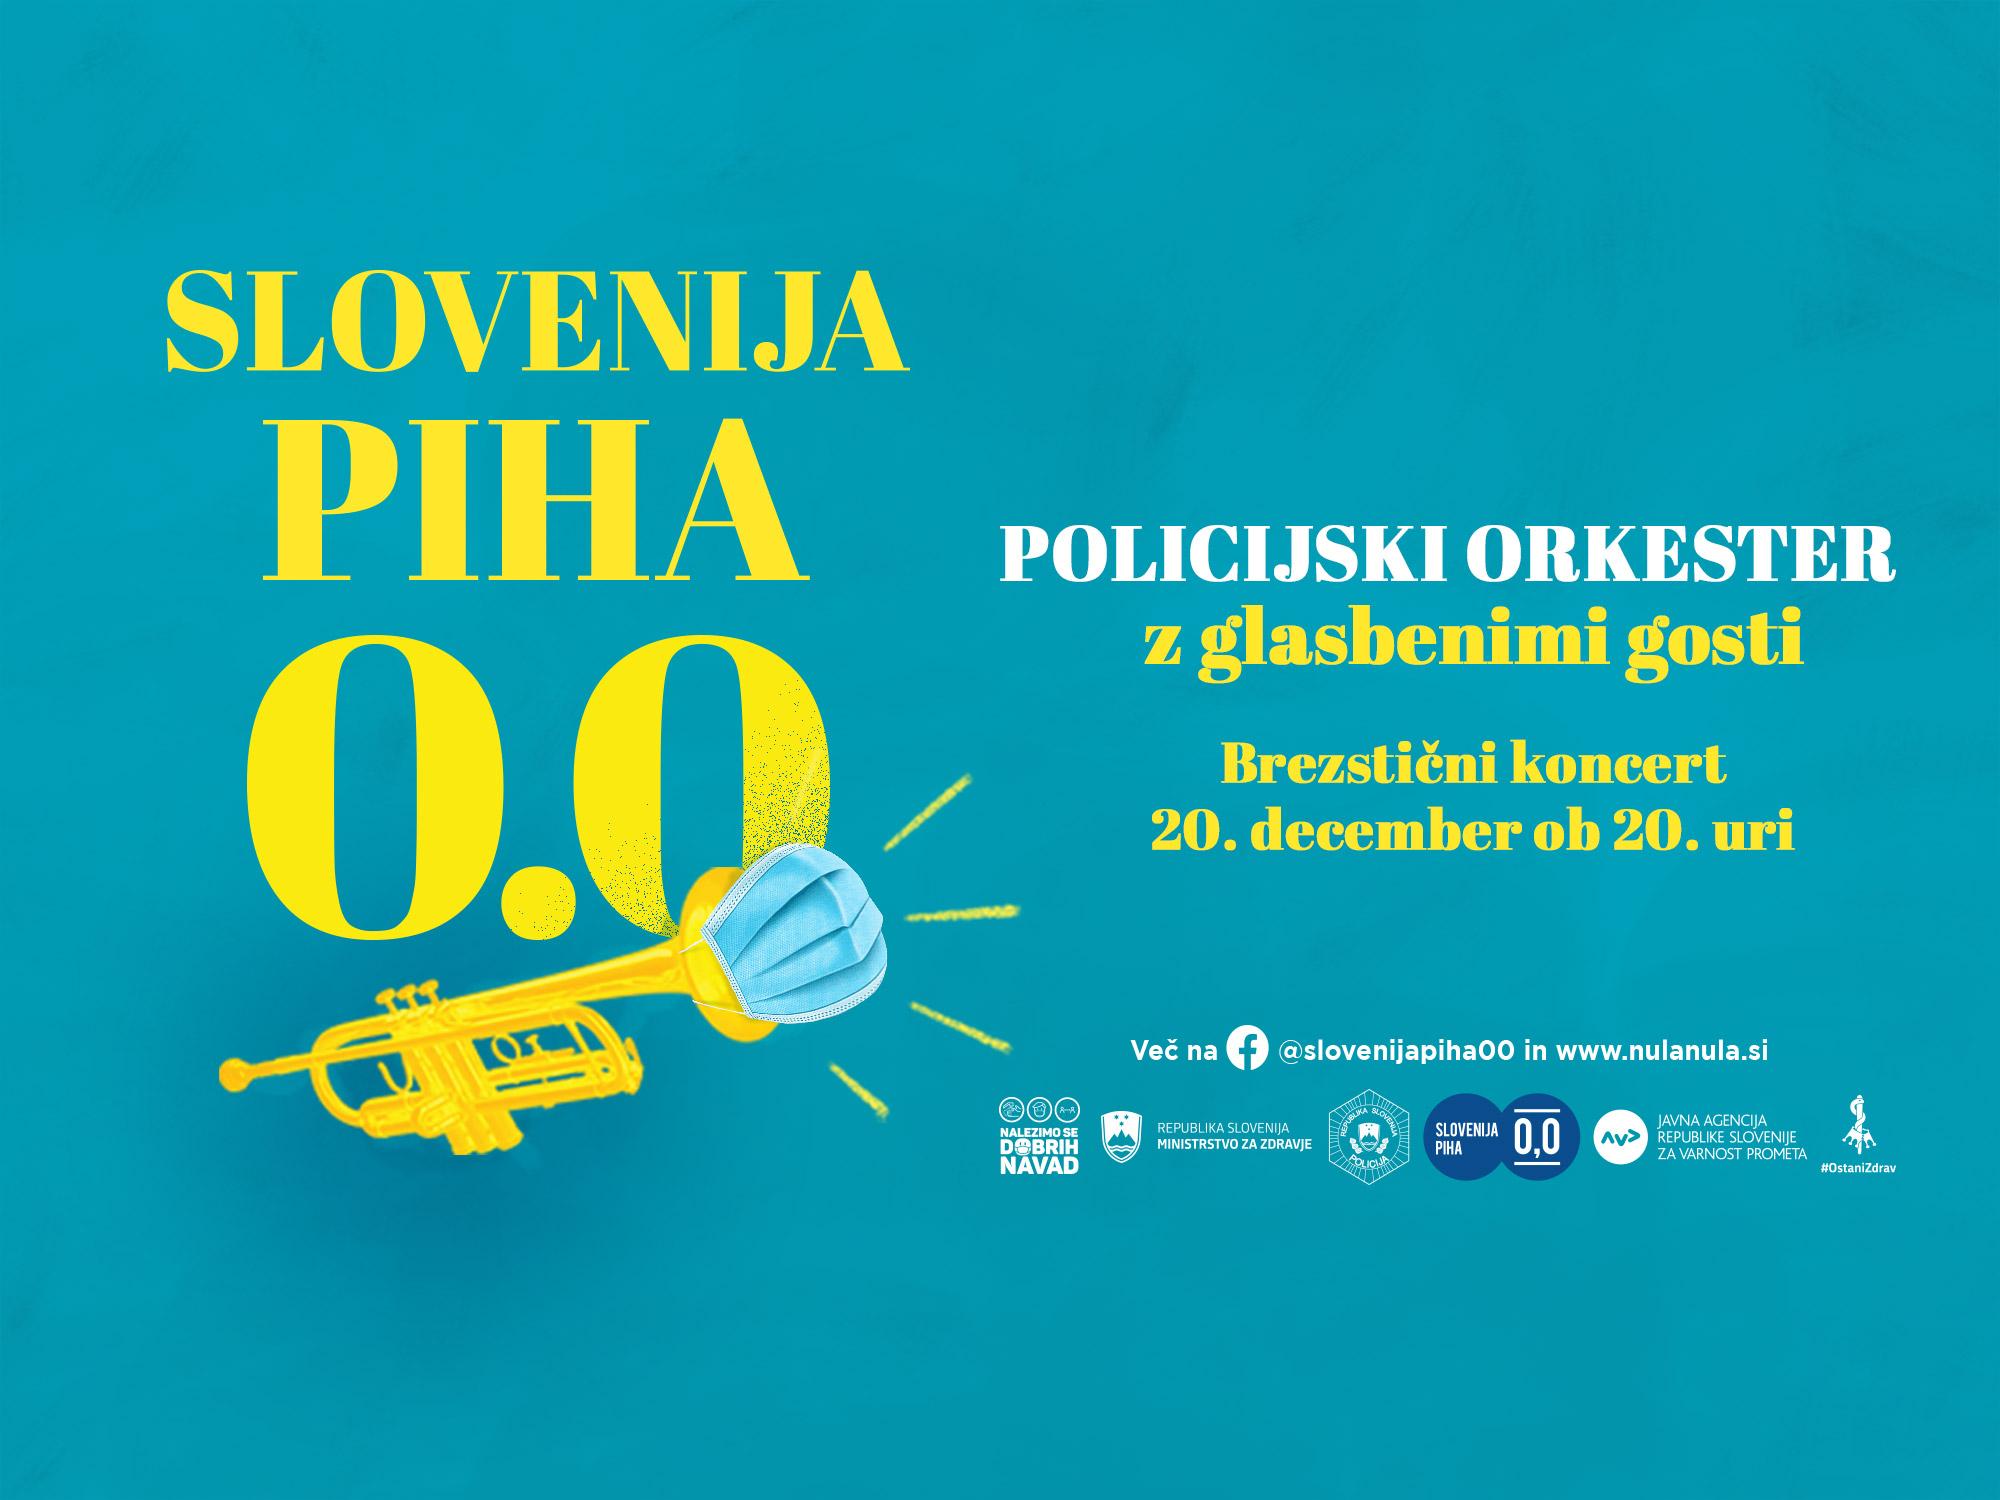 Slovenija piha 0,0 2020